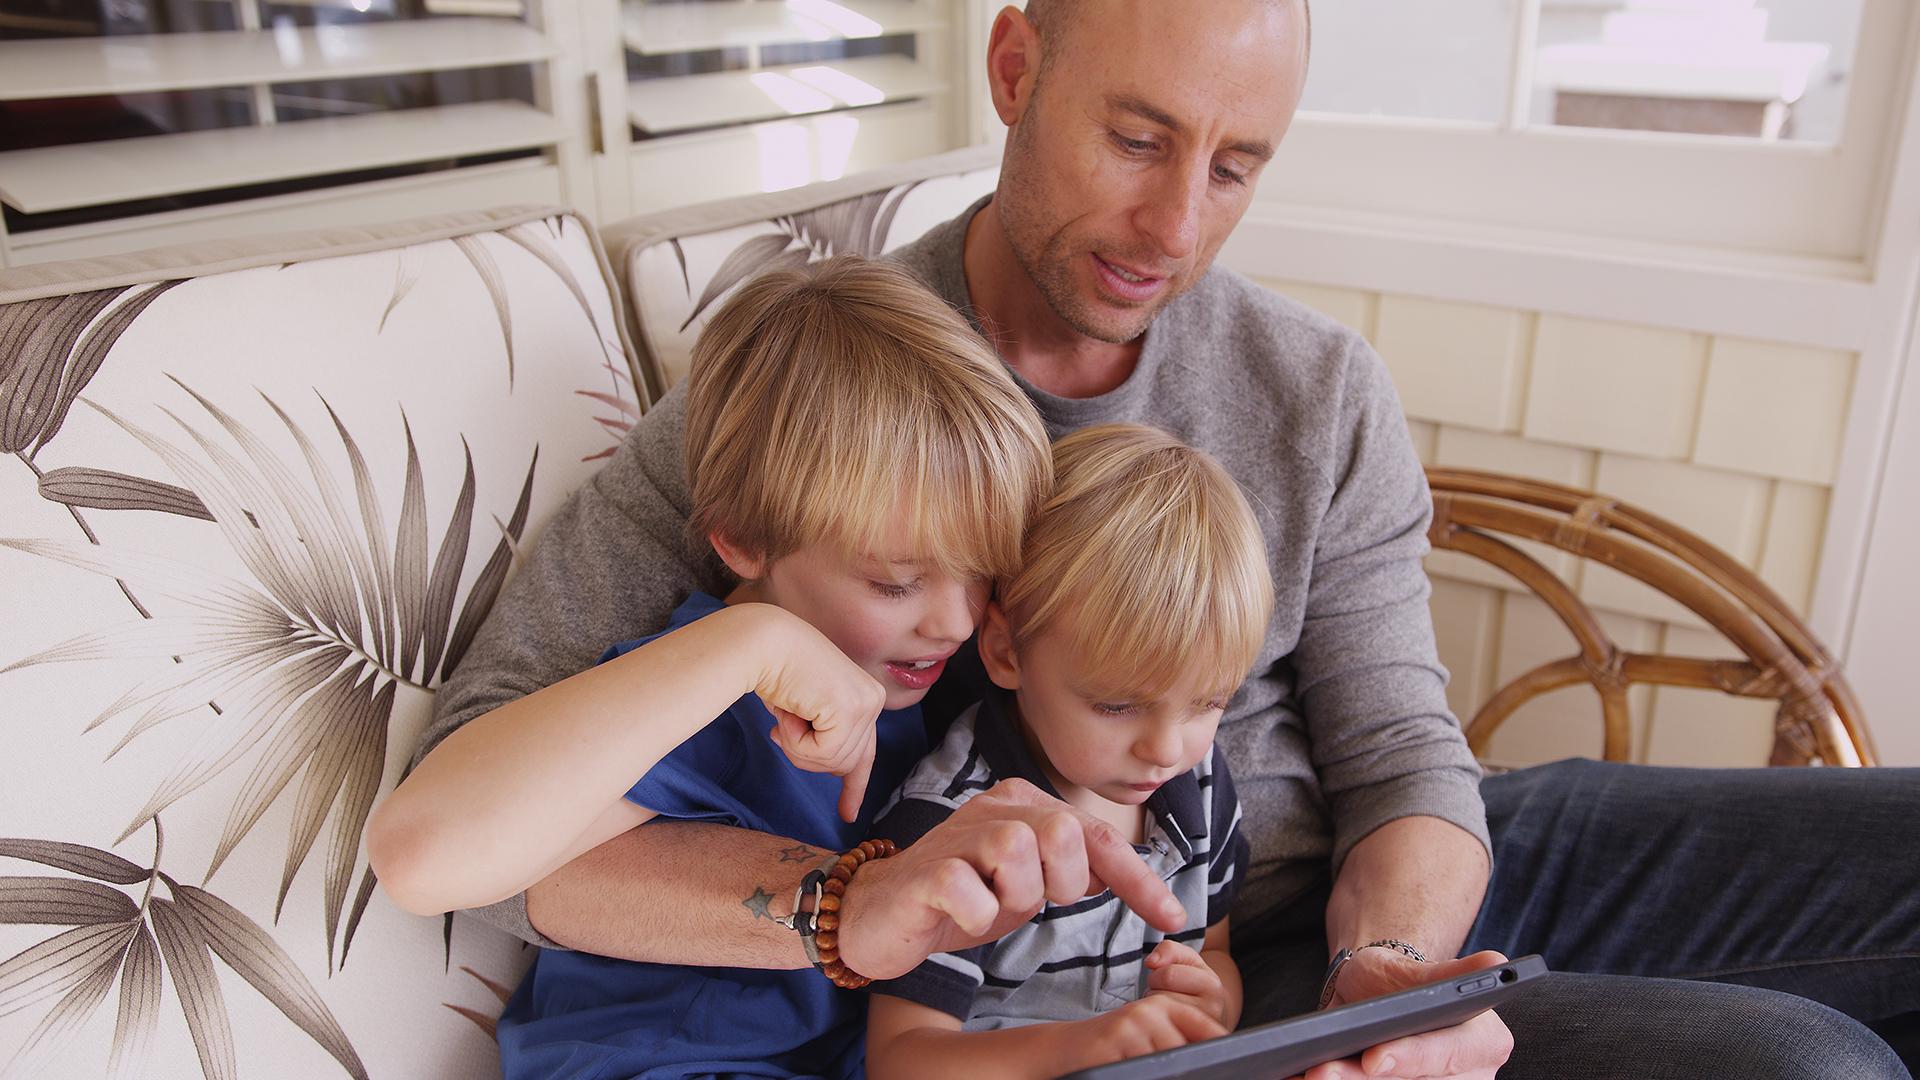 Parenting After Separation - Focus on Kids